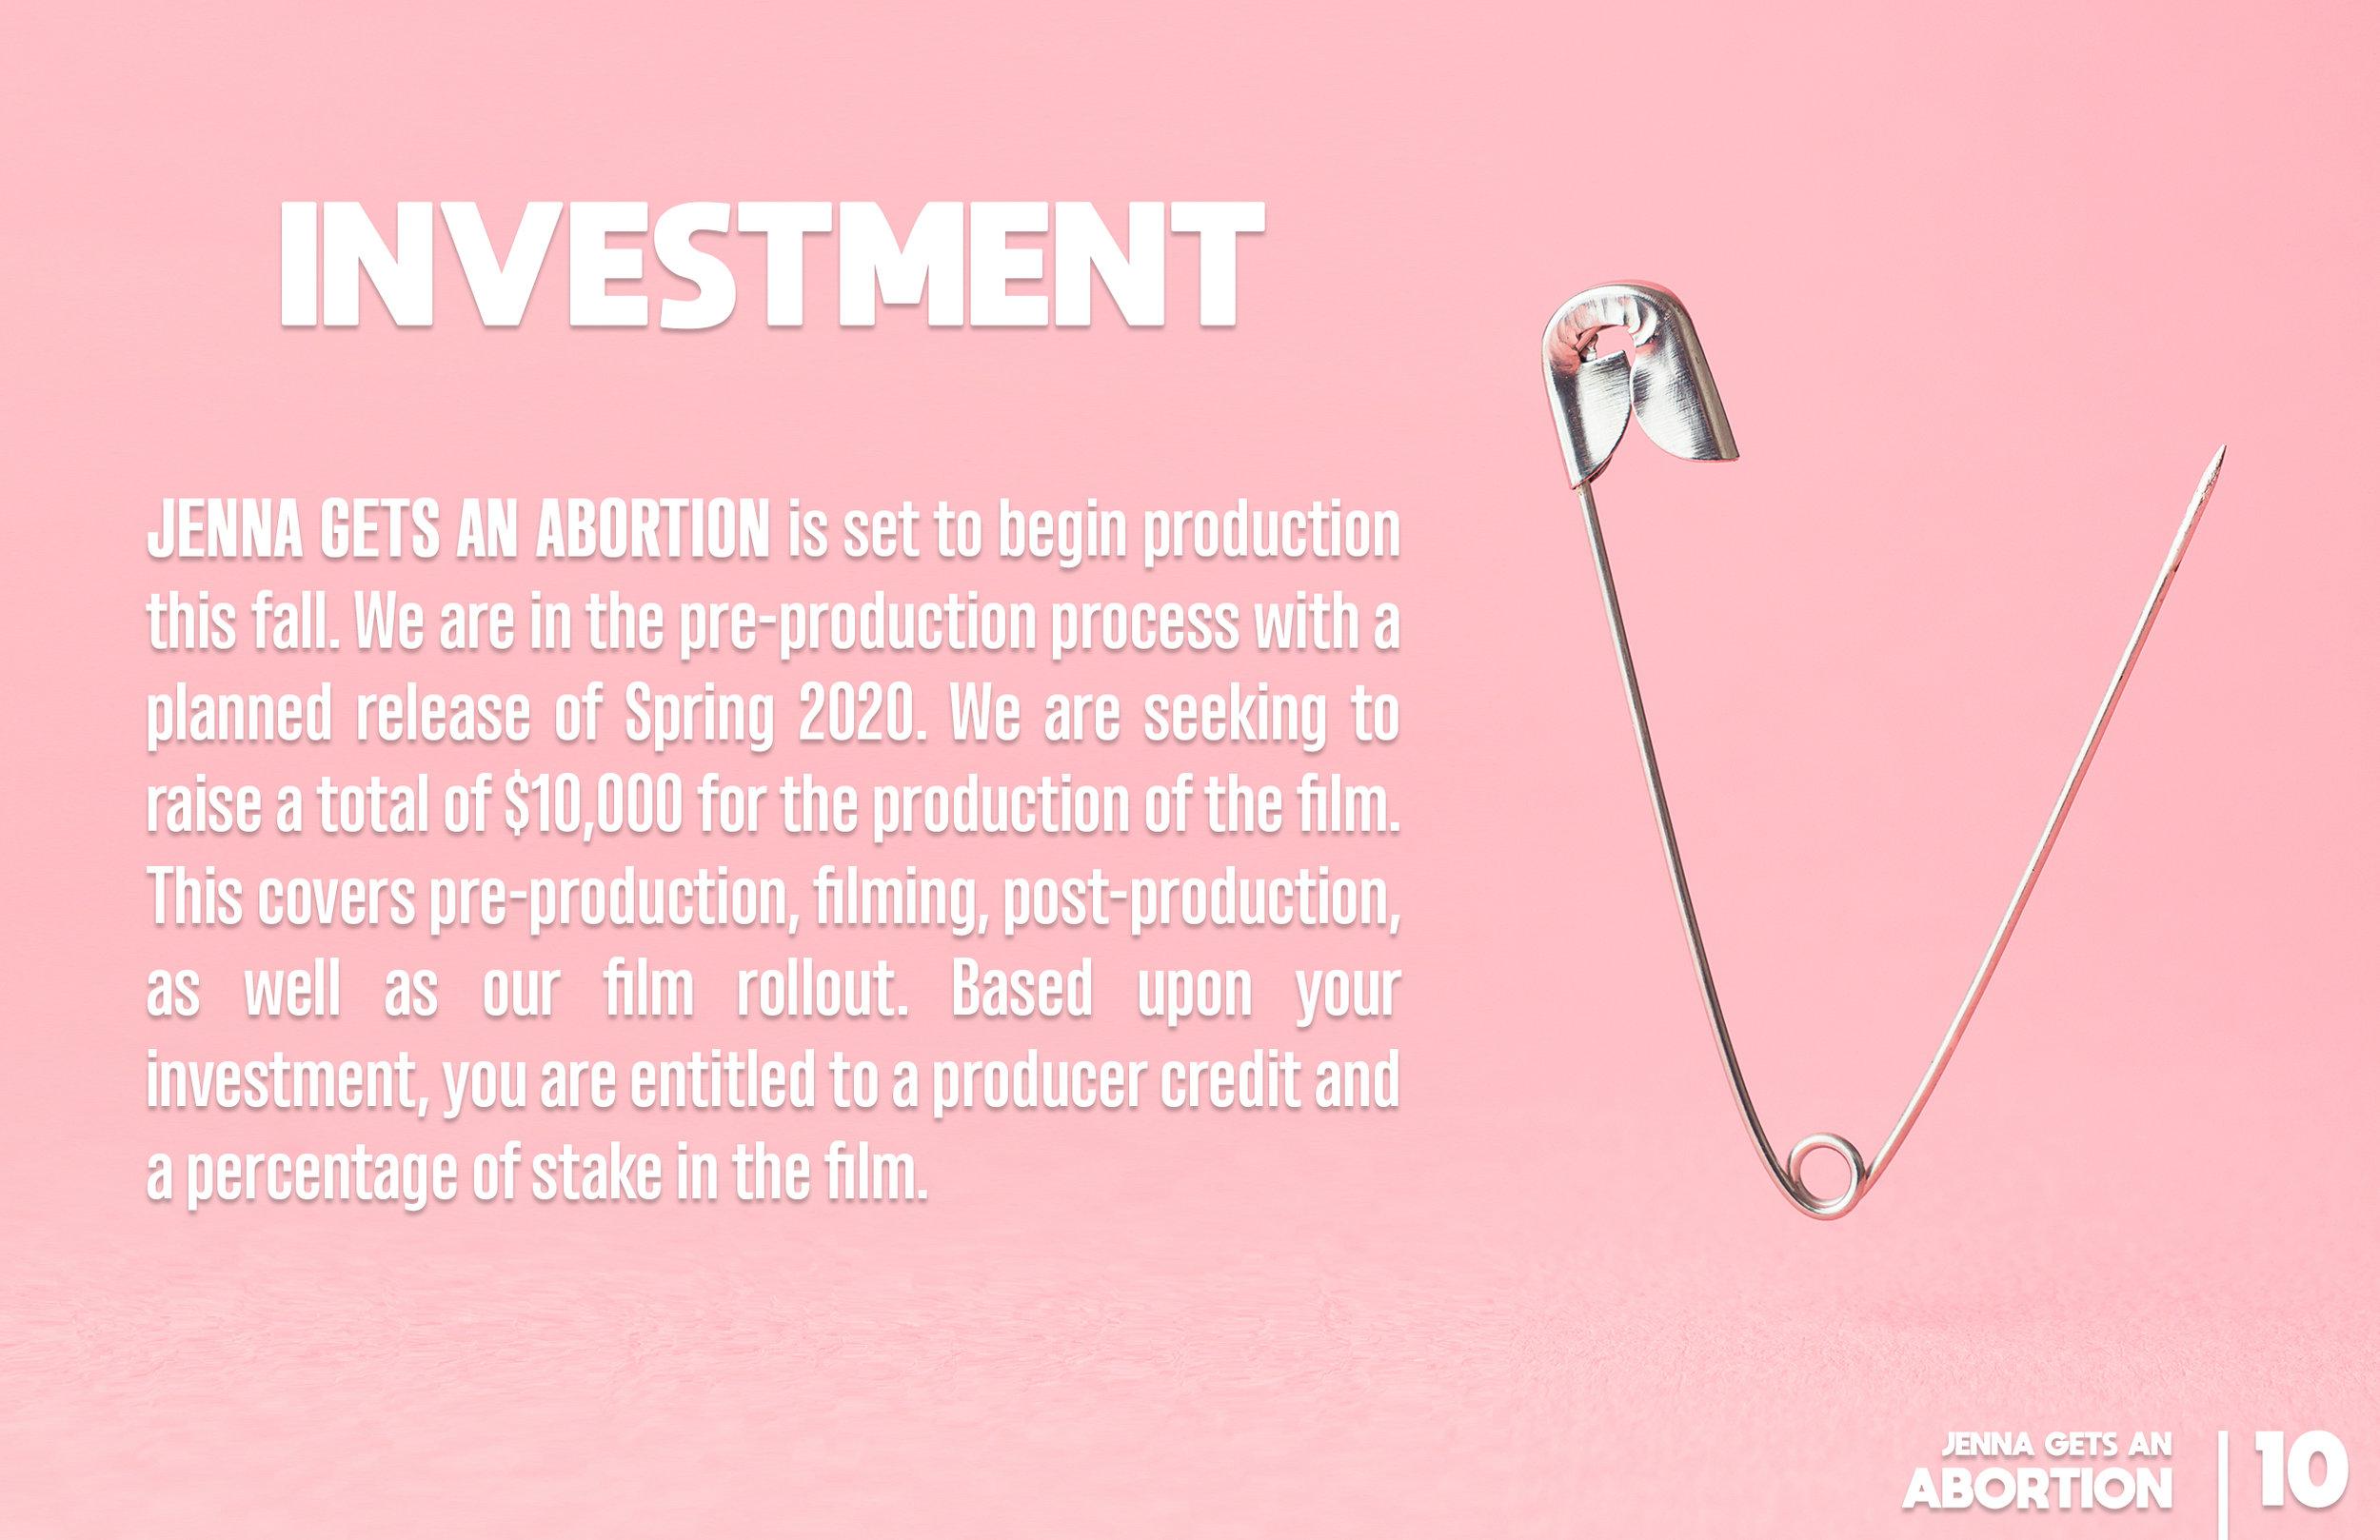 10 Investment.jpg